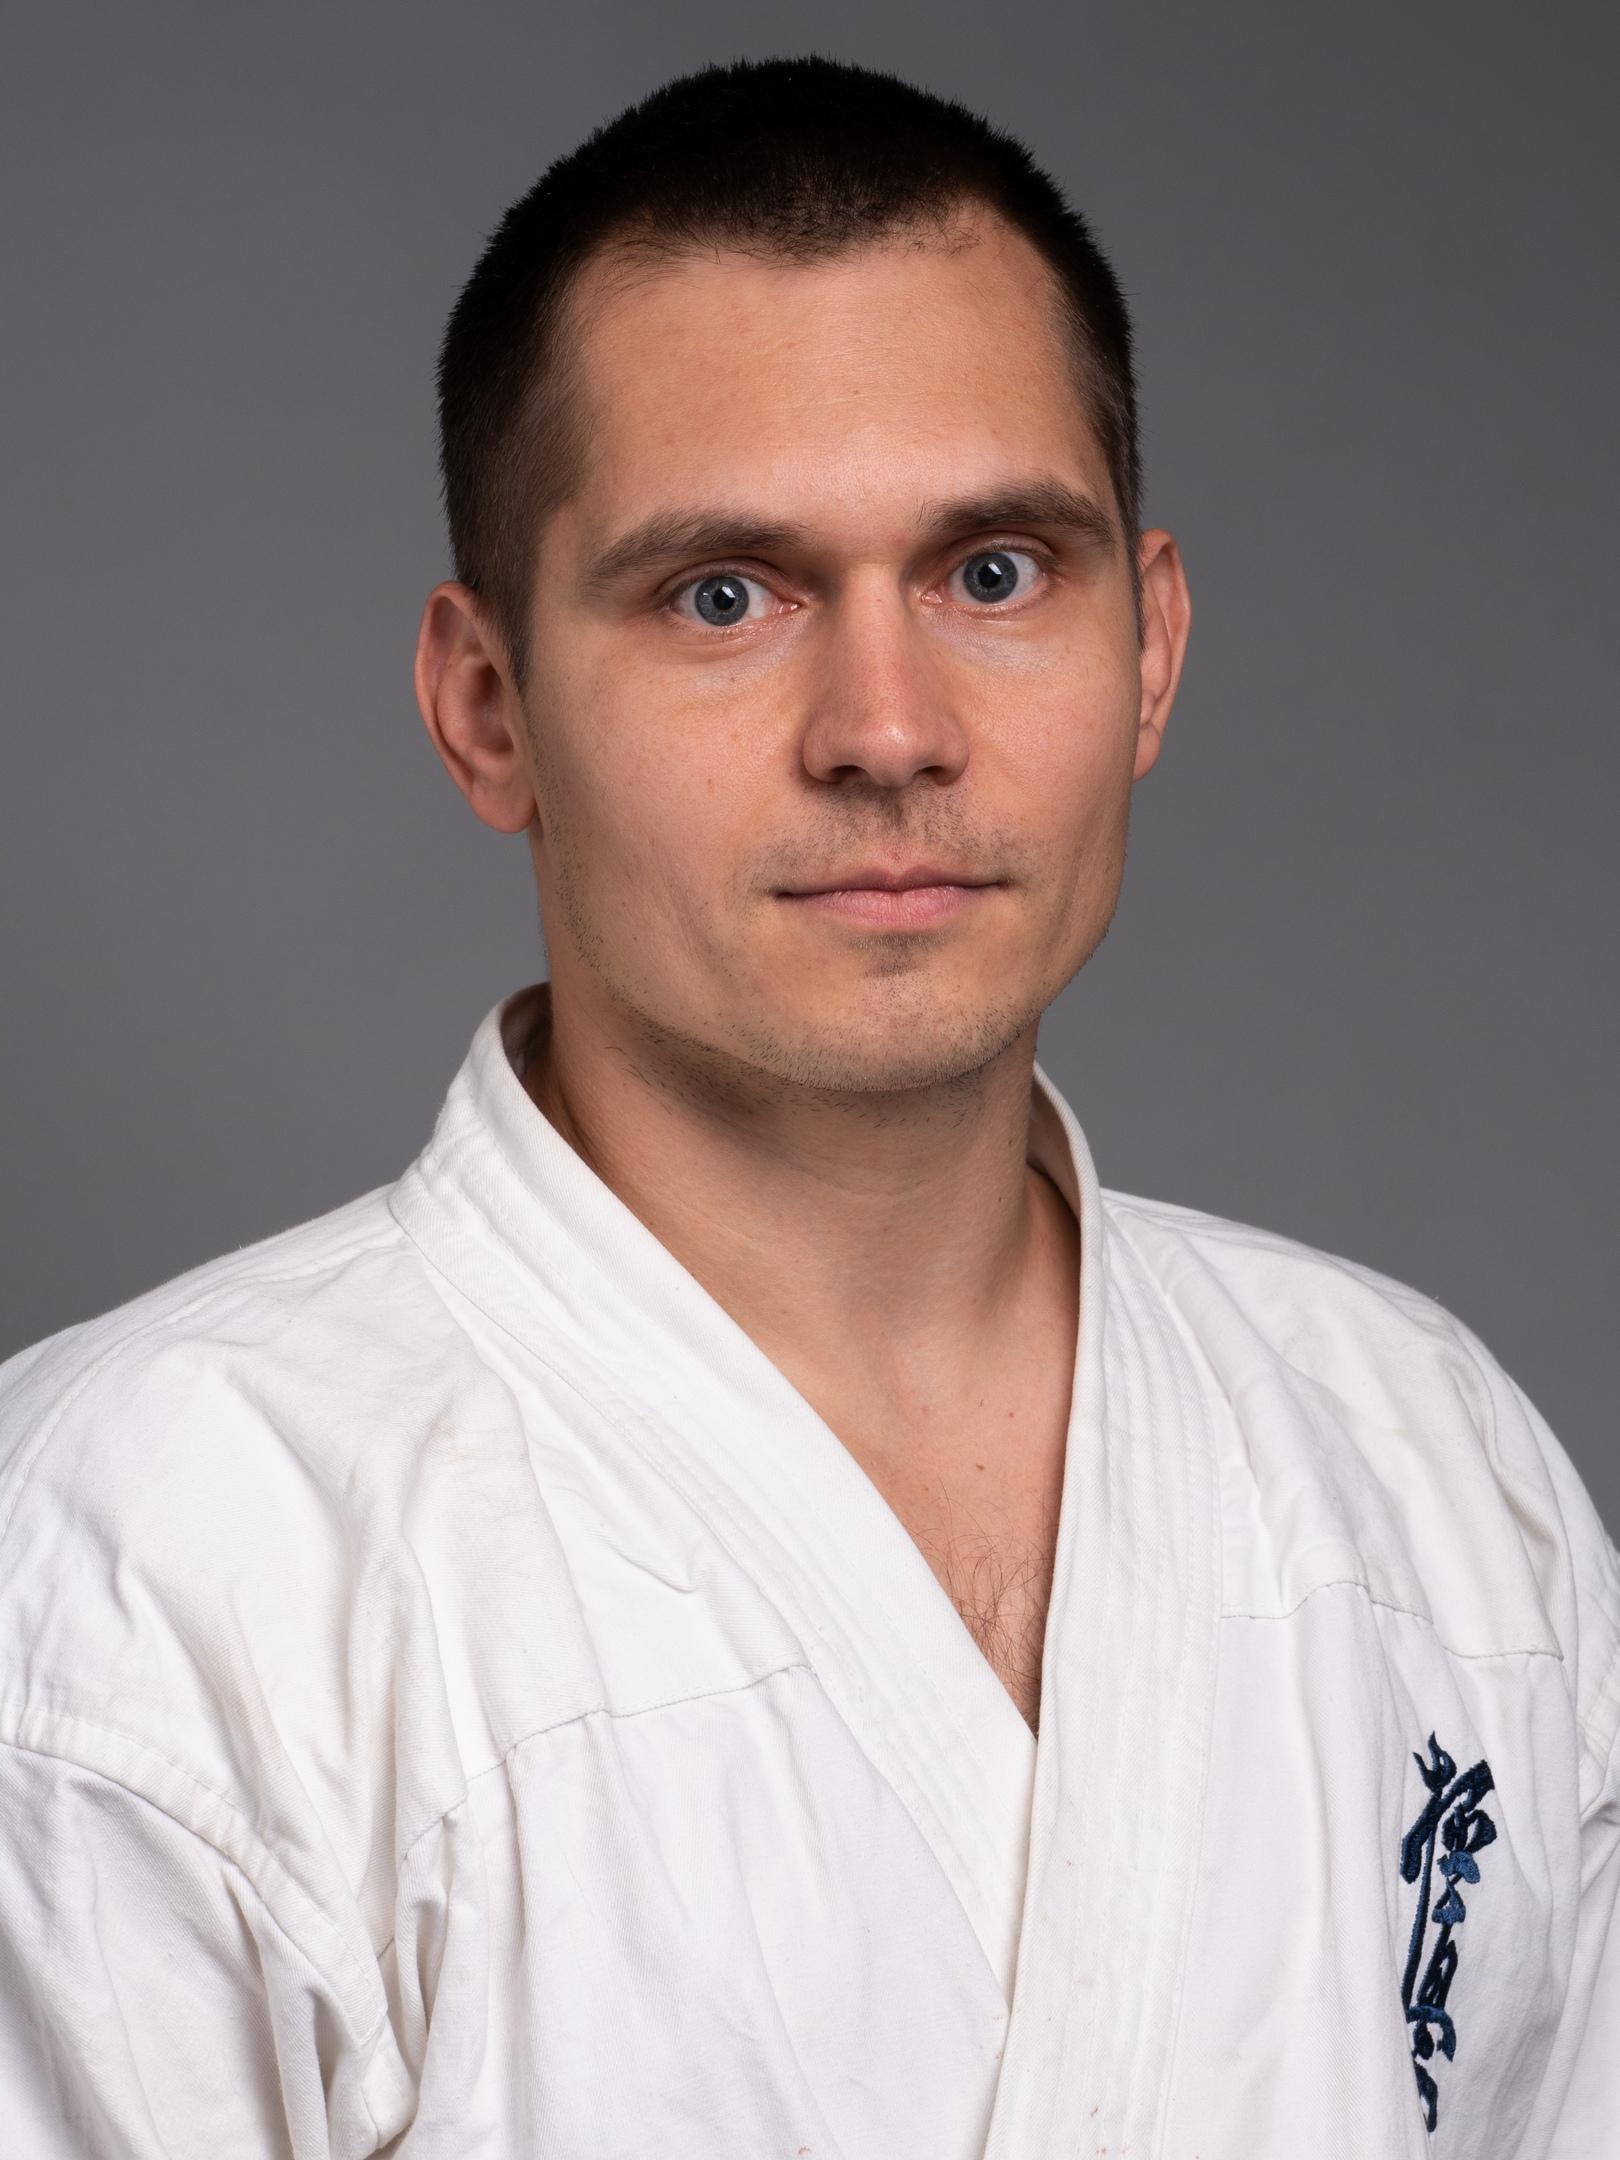 Филиппов Андрей Владимирович